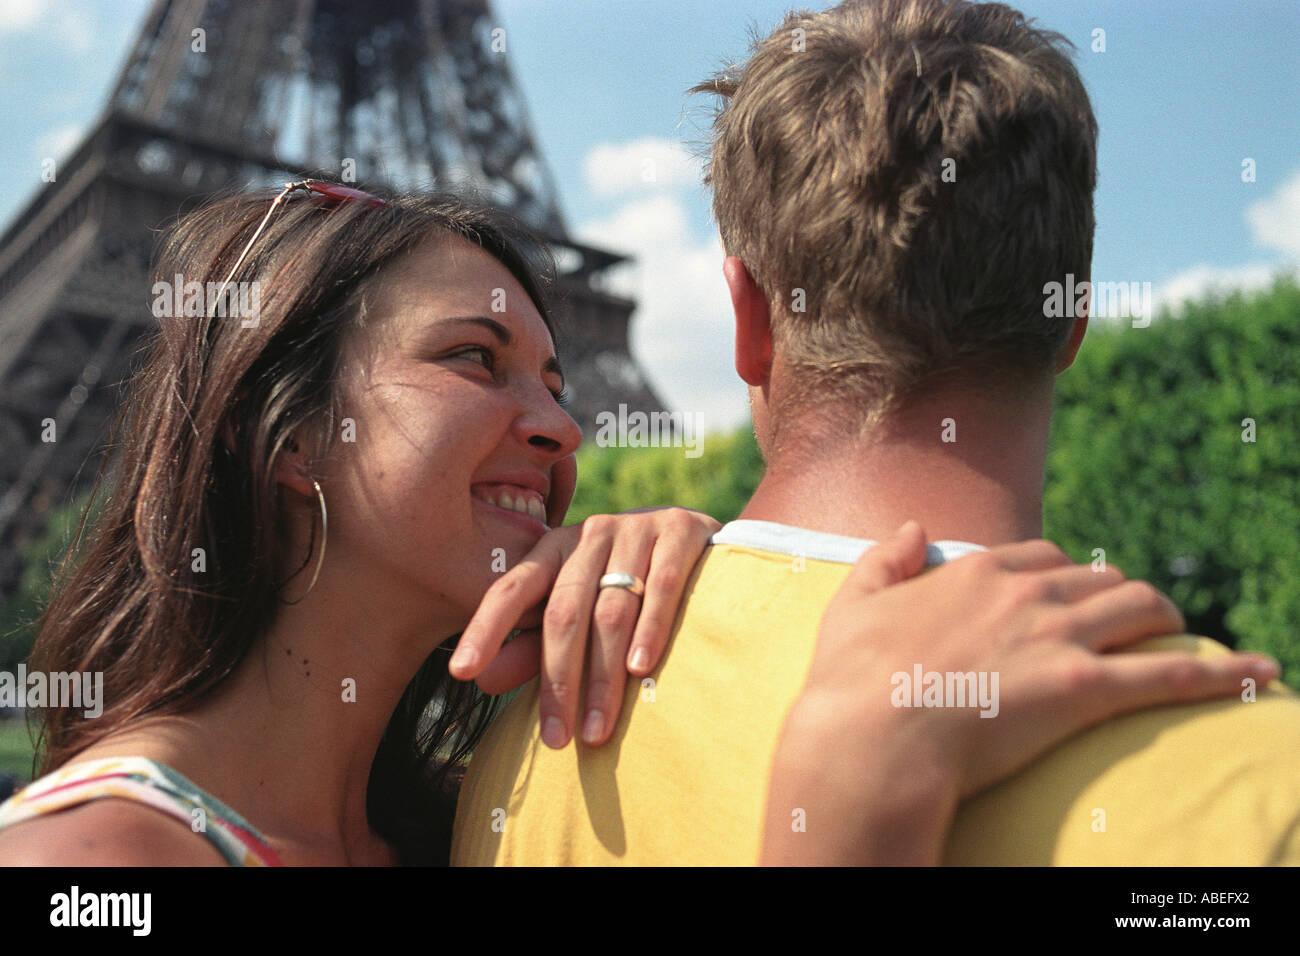 Jeune couple près de Eiffel Tower, Paris, France Photo Stock